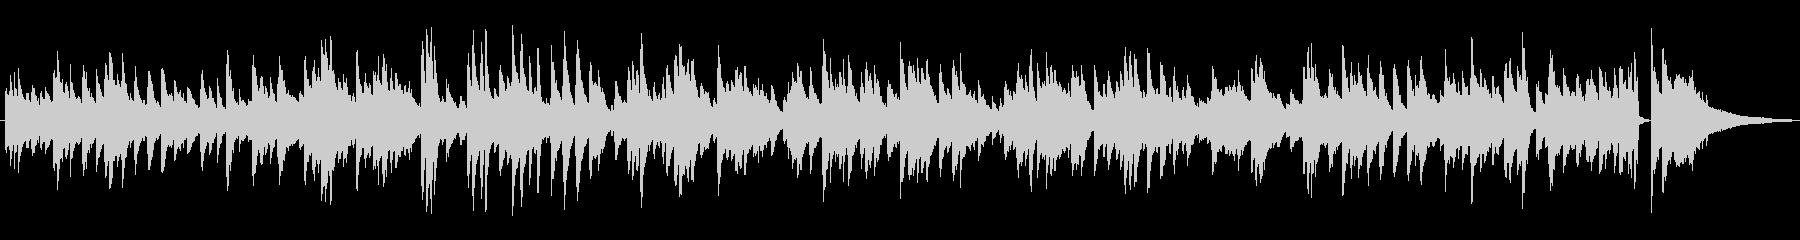 ゆっくりめのジャズラウンジピアノソロの未再生の波形